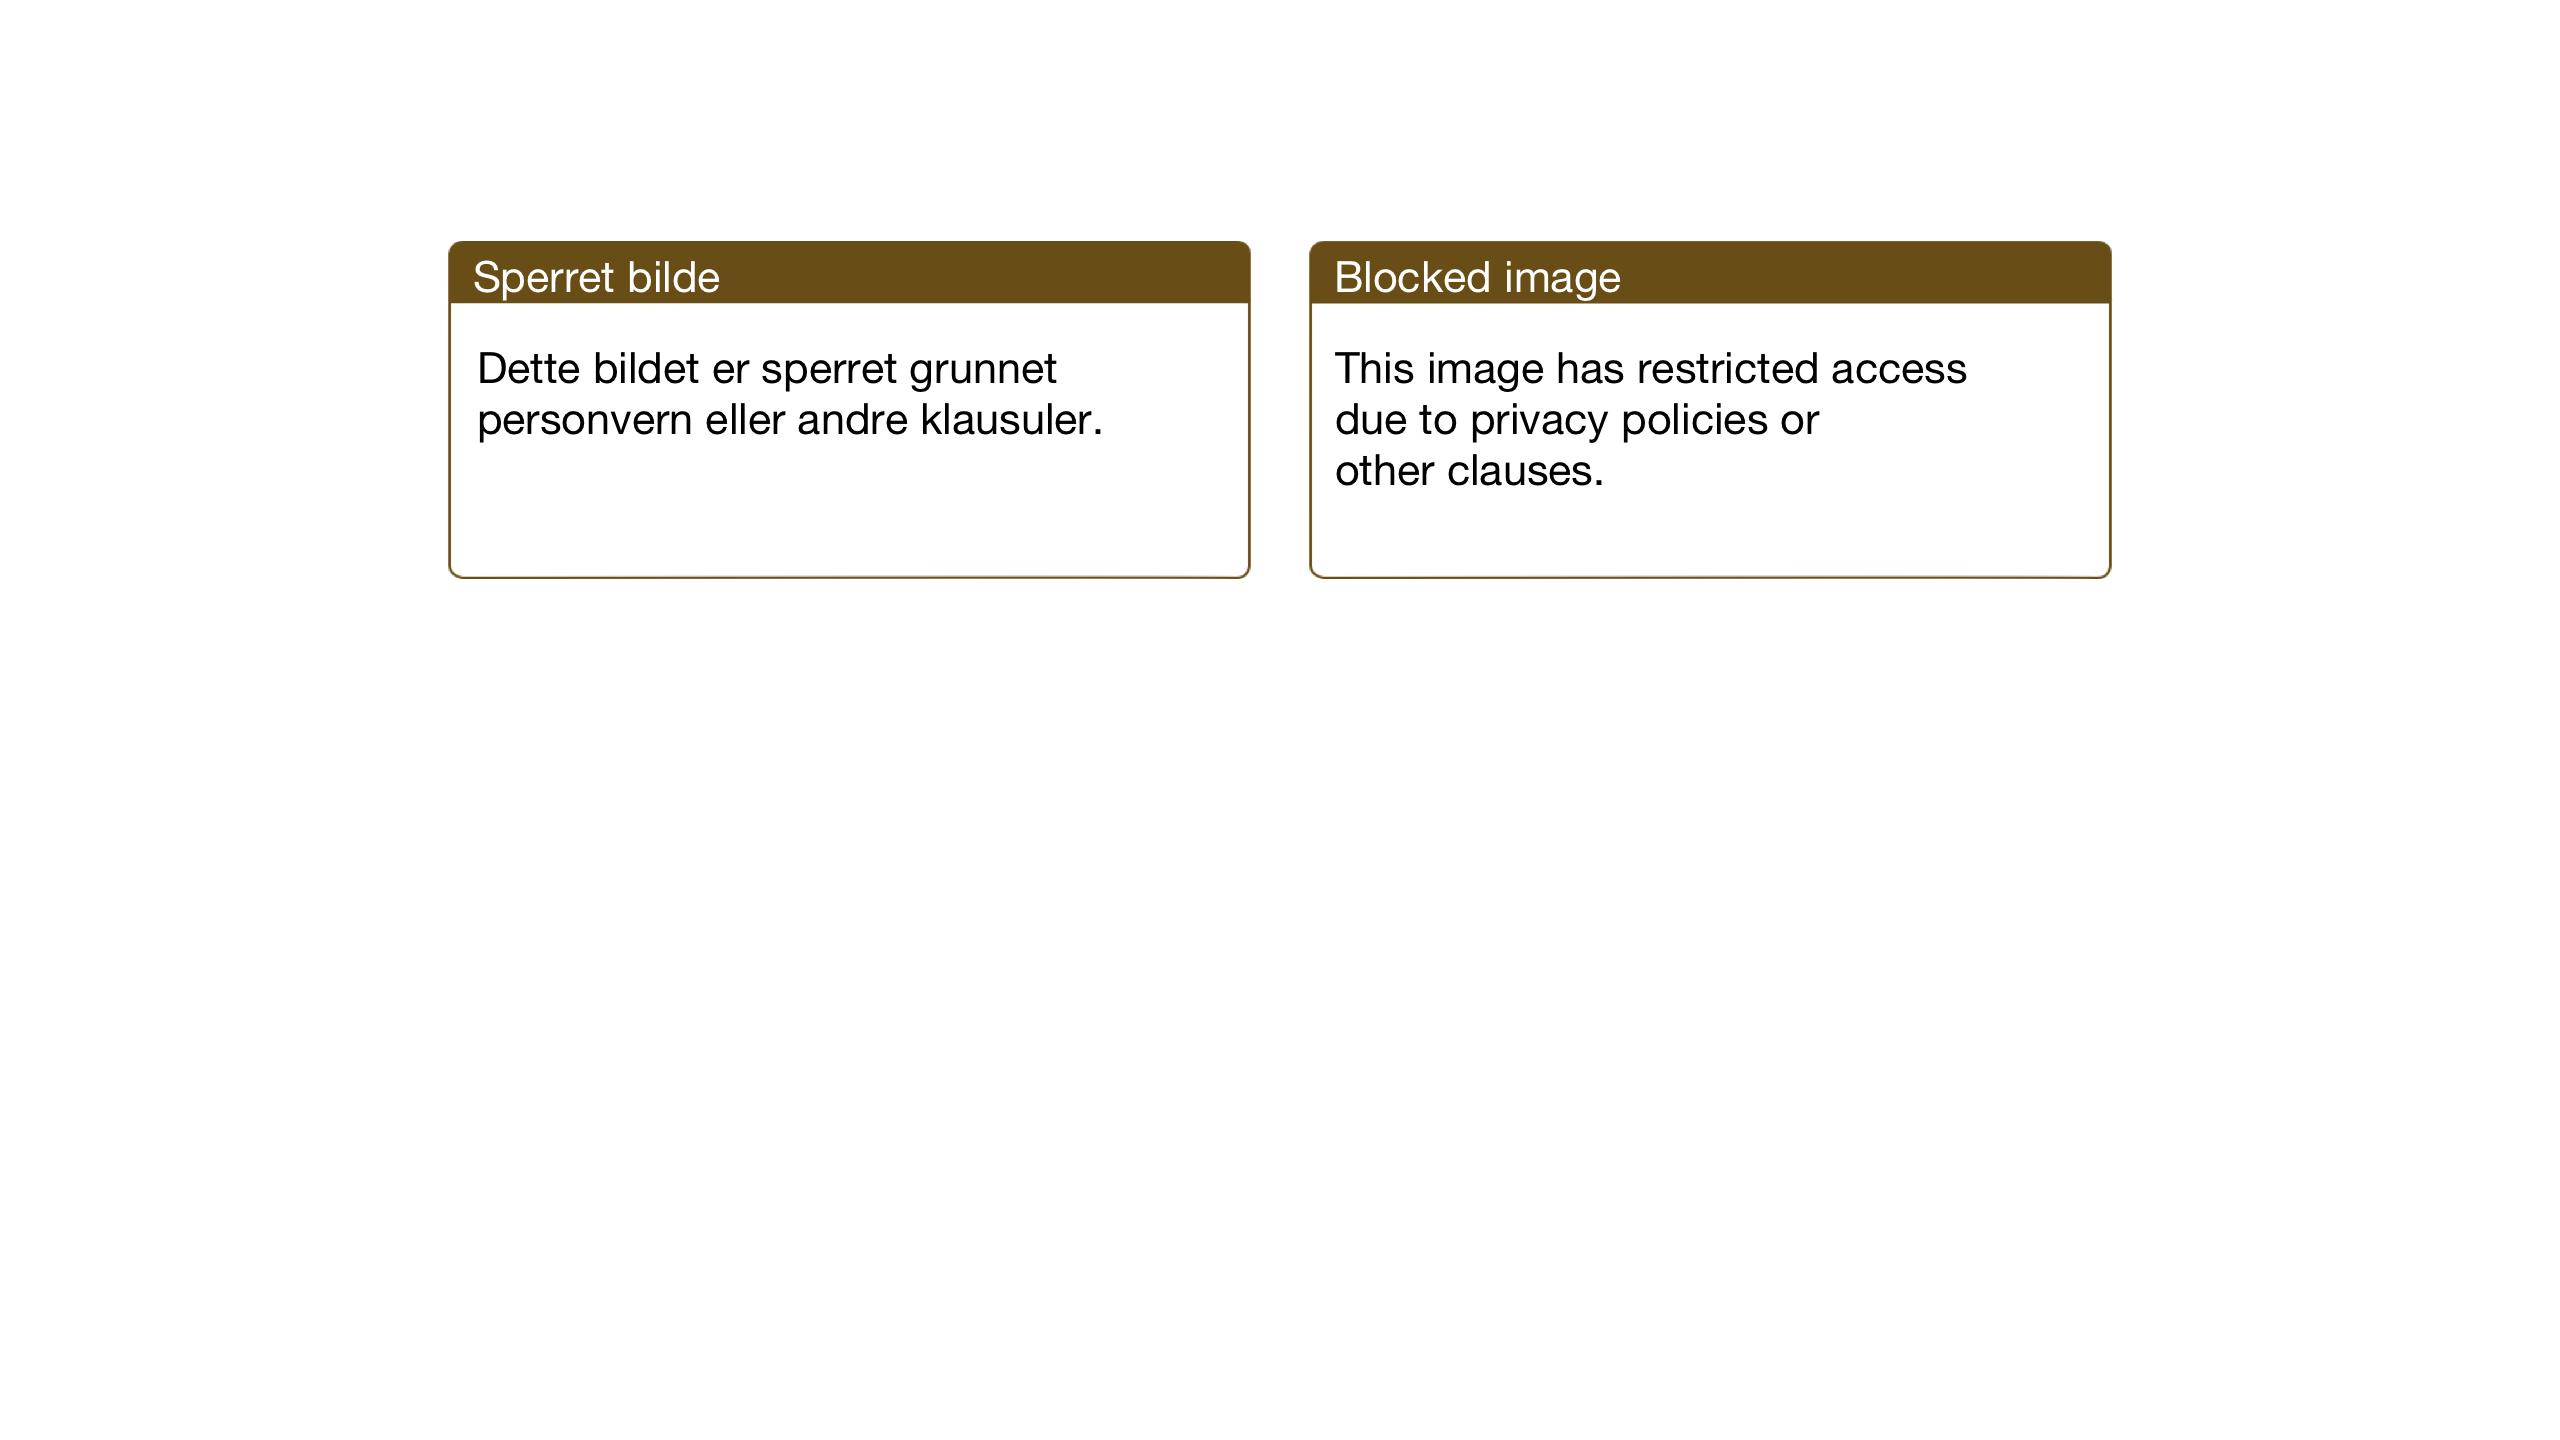 SAT, Ministerialprotokoller, klokkerbøker og fødselsregistre - Sør-Trøndelag, 670/L0837: Klokkerbok nr. 670C01, 1905-1946, s. 142-143